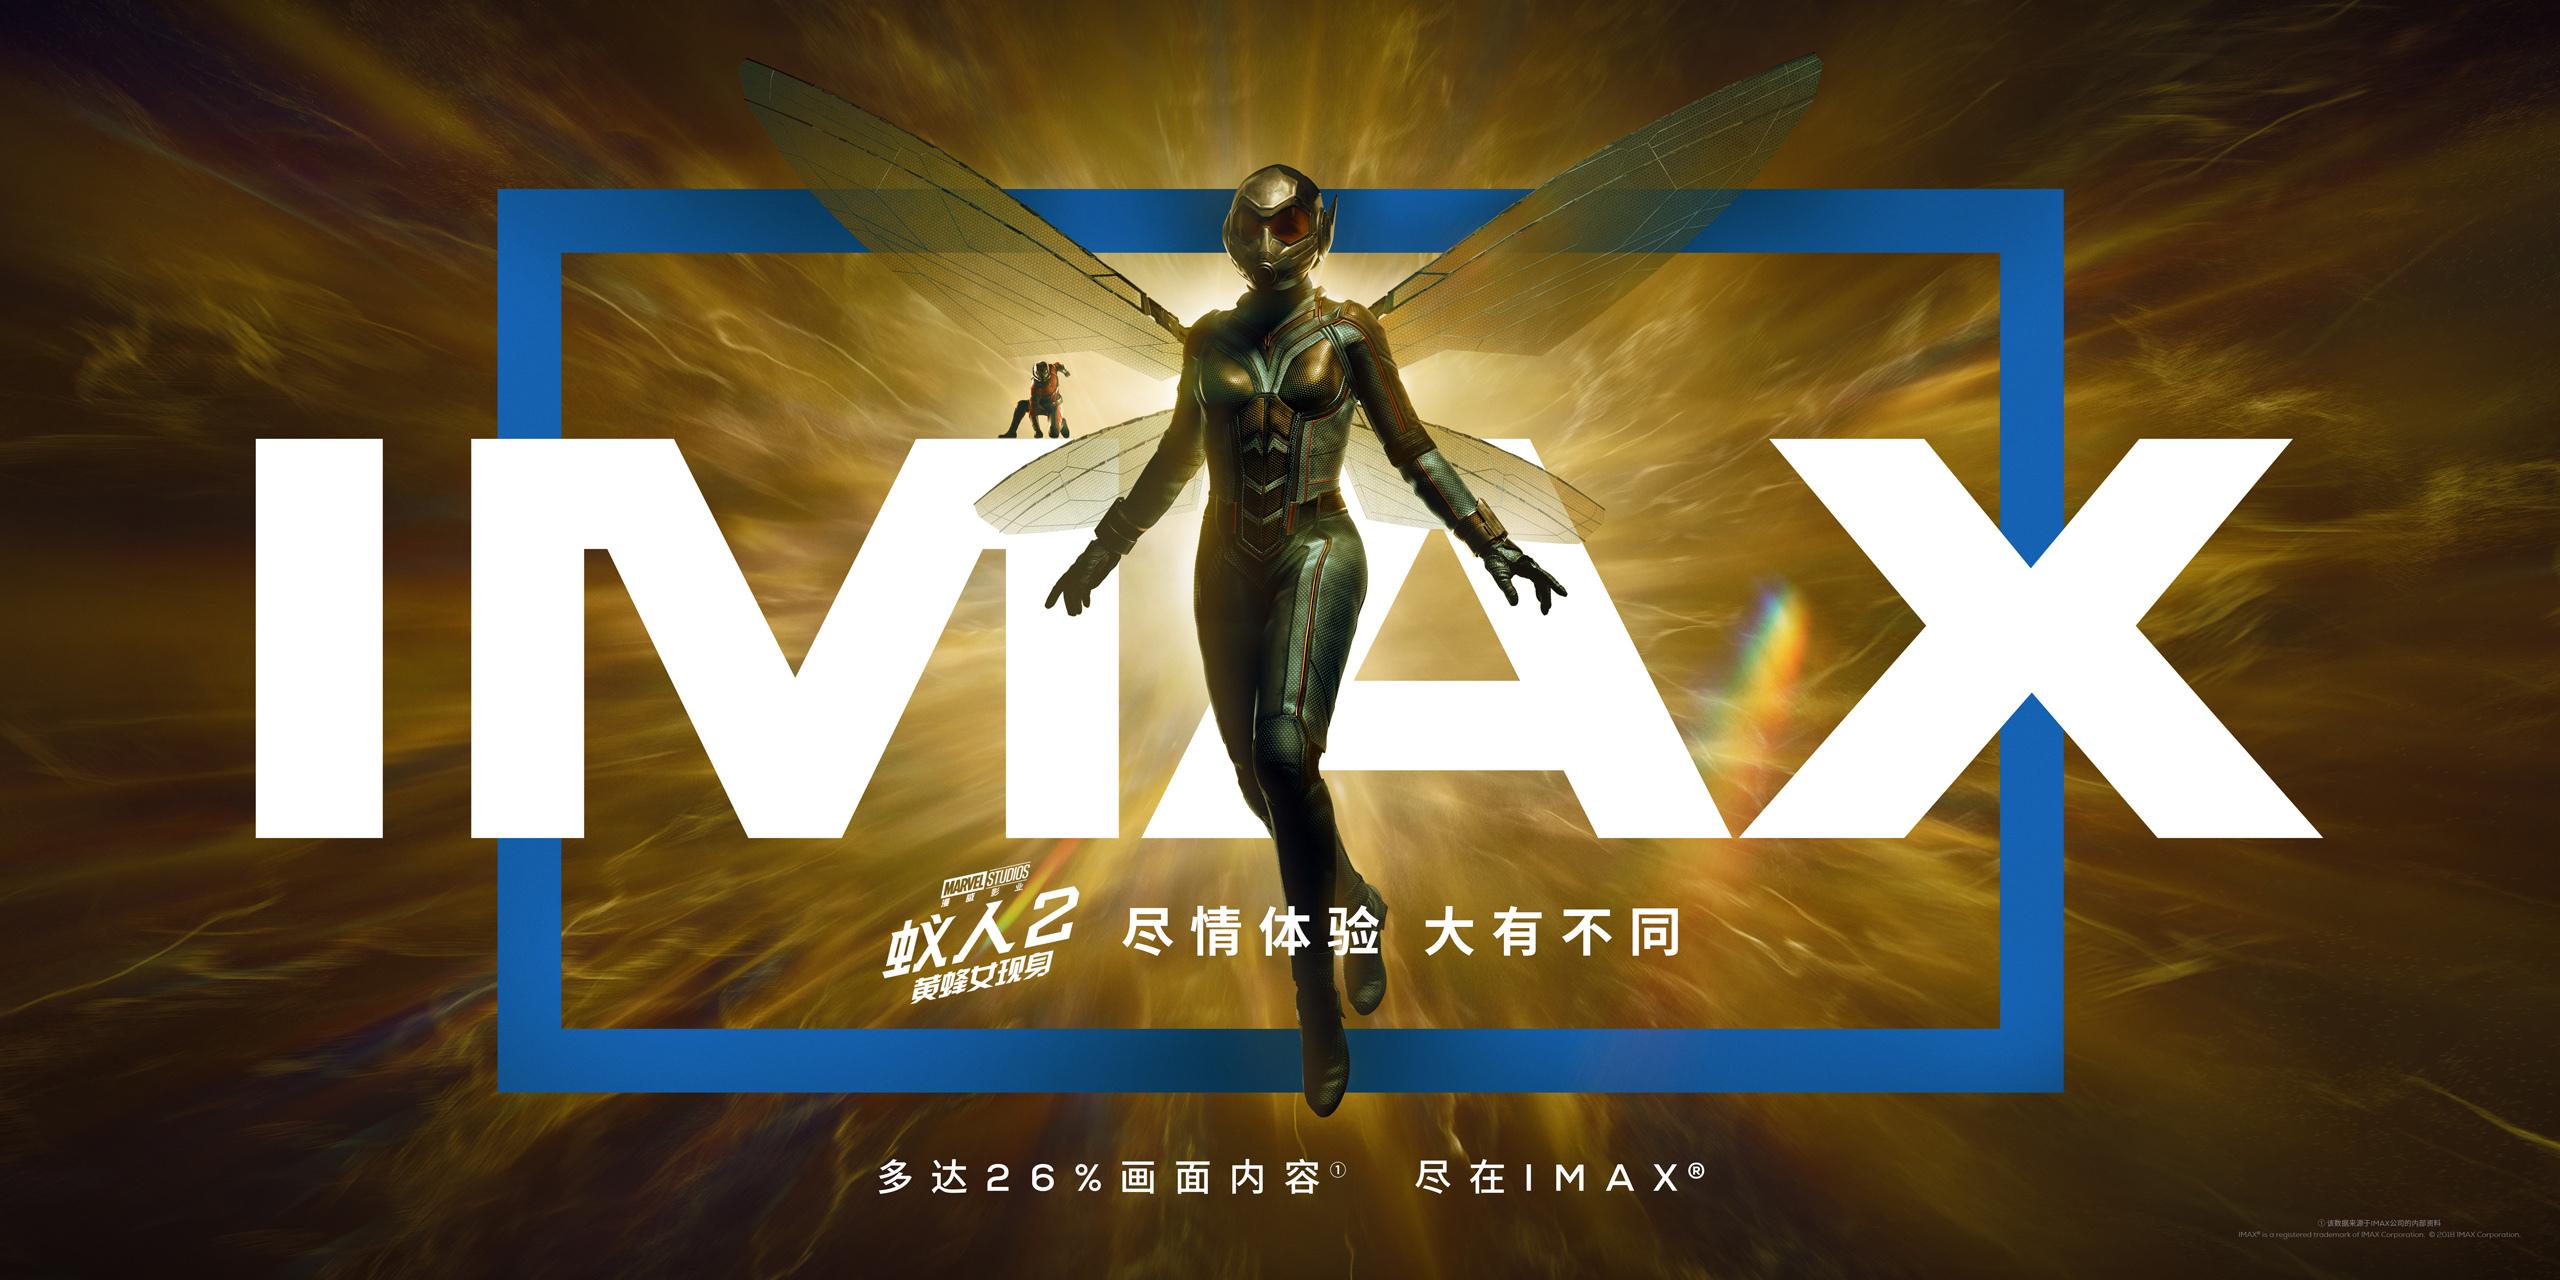 """博天堂线上娱乐场IMAX发布《蚁人2》26%趣味特辑,""""大有不同""""令人期待"""